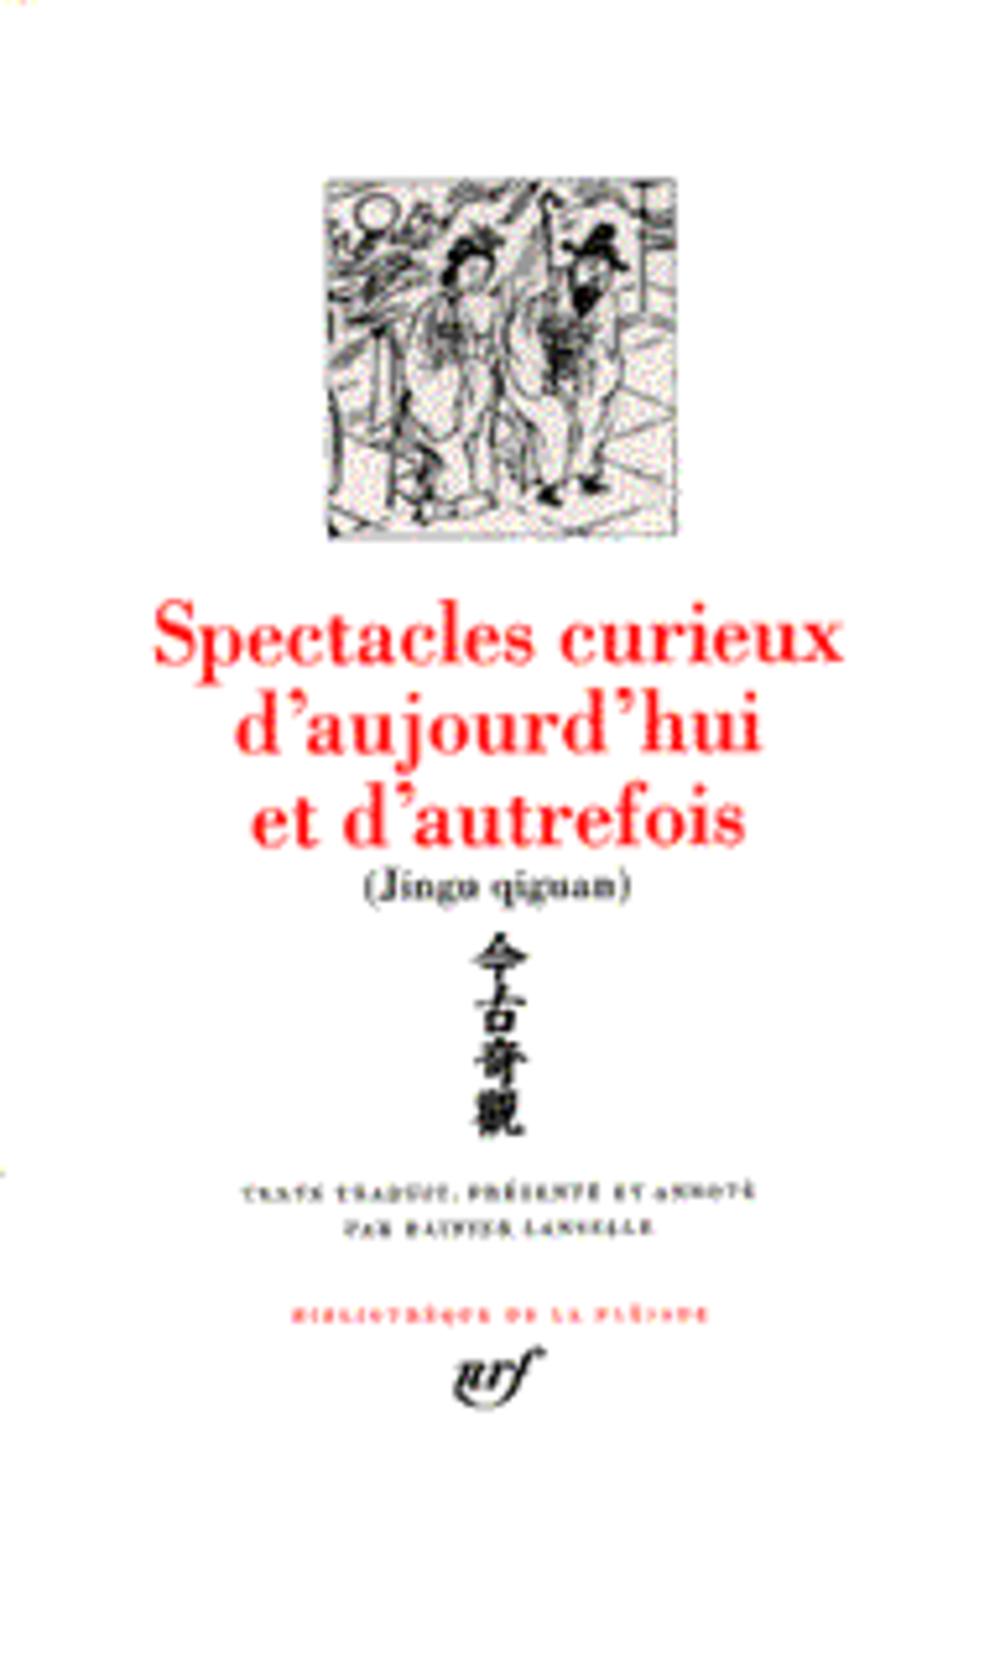 ANONYME - SPECTACLES CURIEUX D'AUJOURD'HUI ET D'AUTREFOIS  -  CONTES CHINOIS DES MING